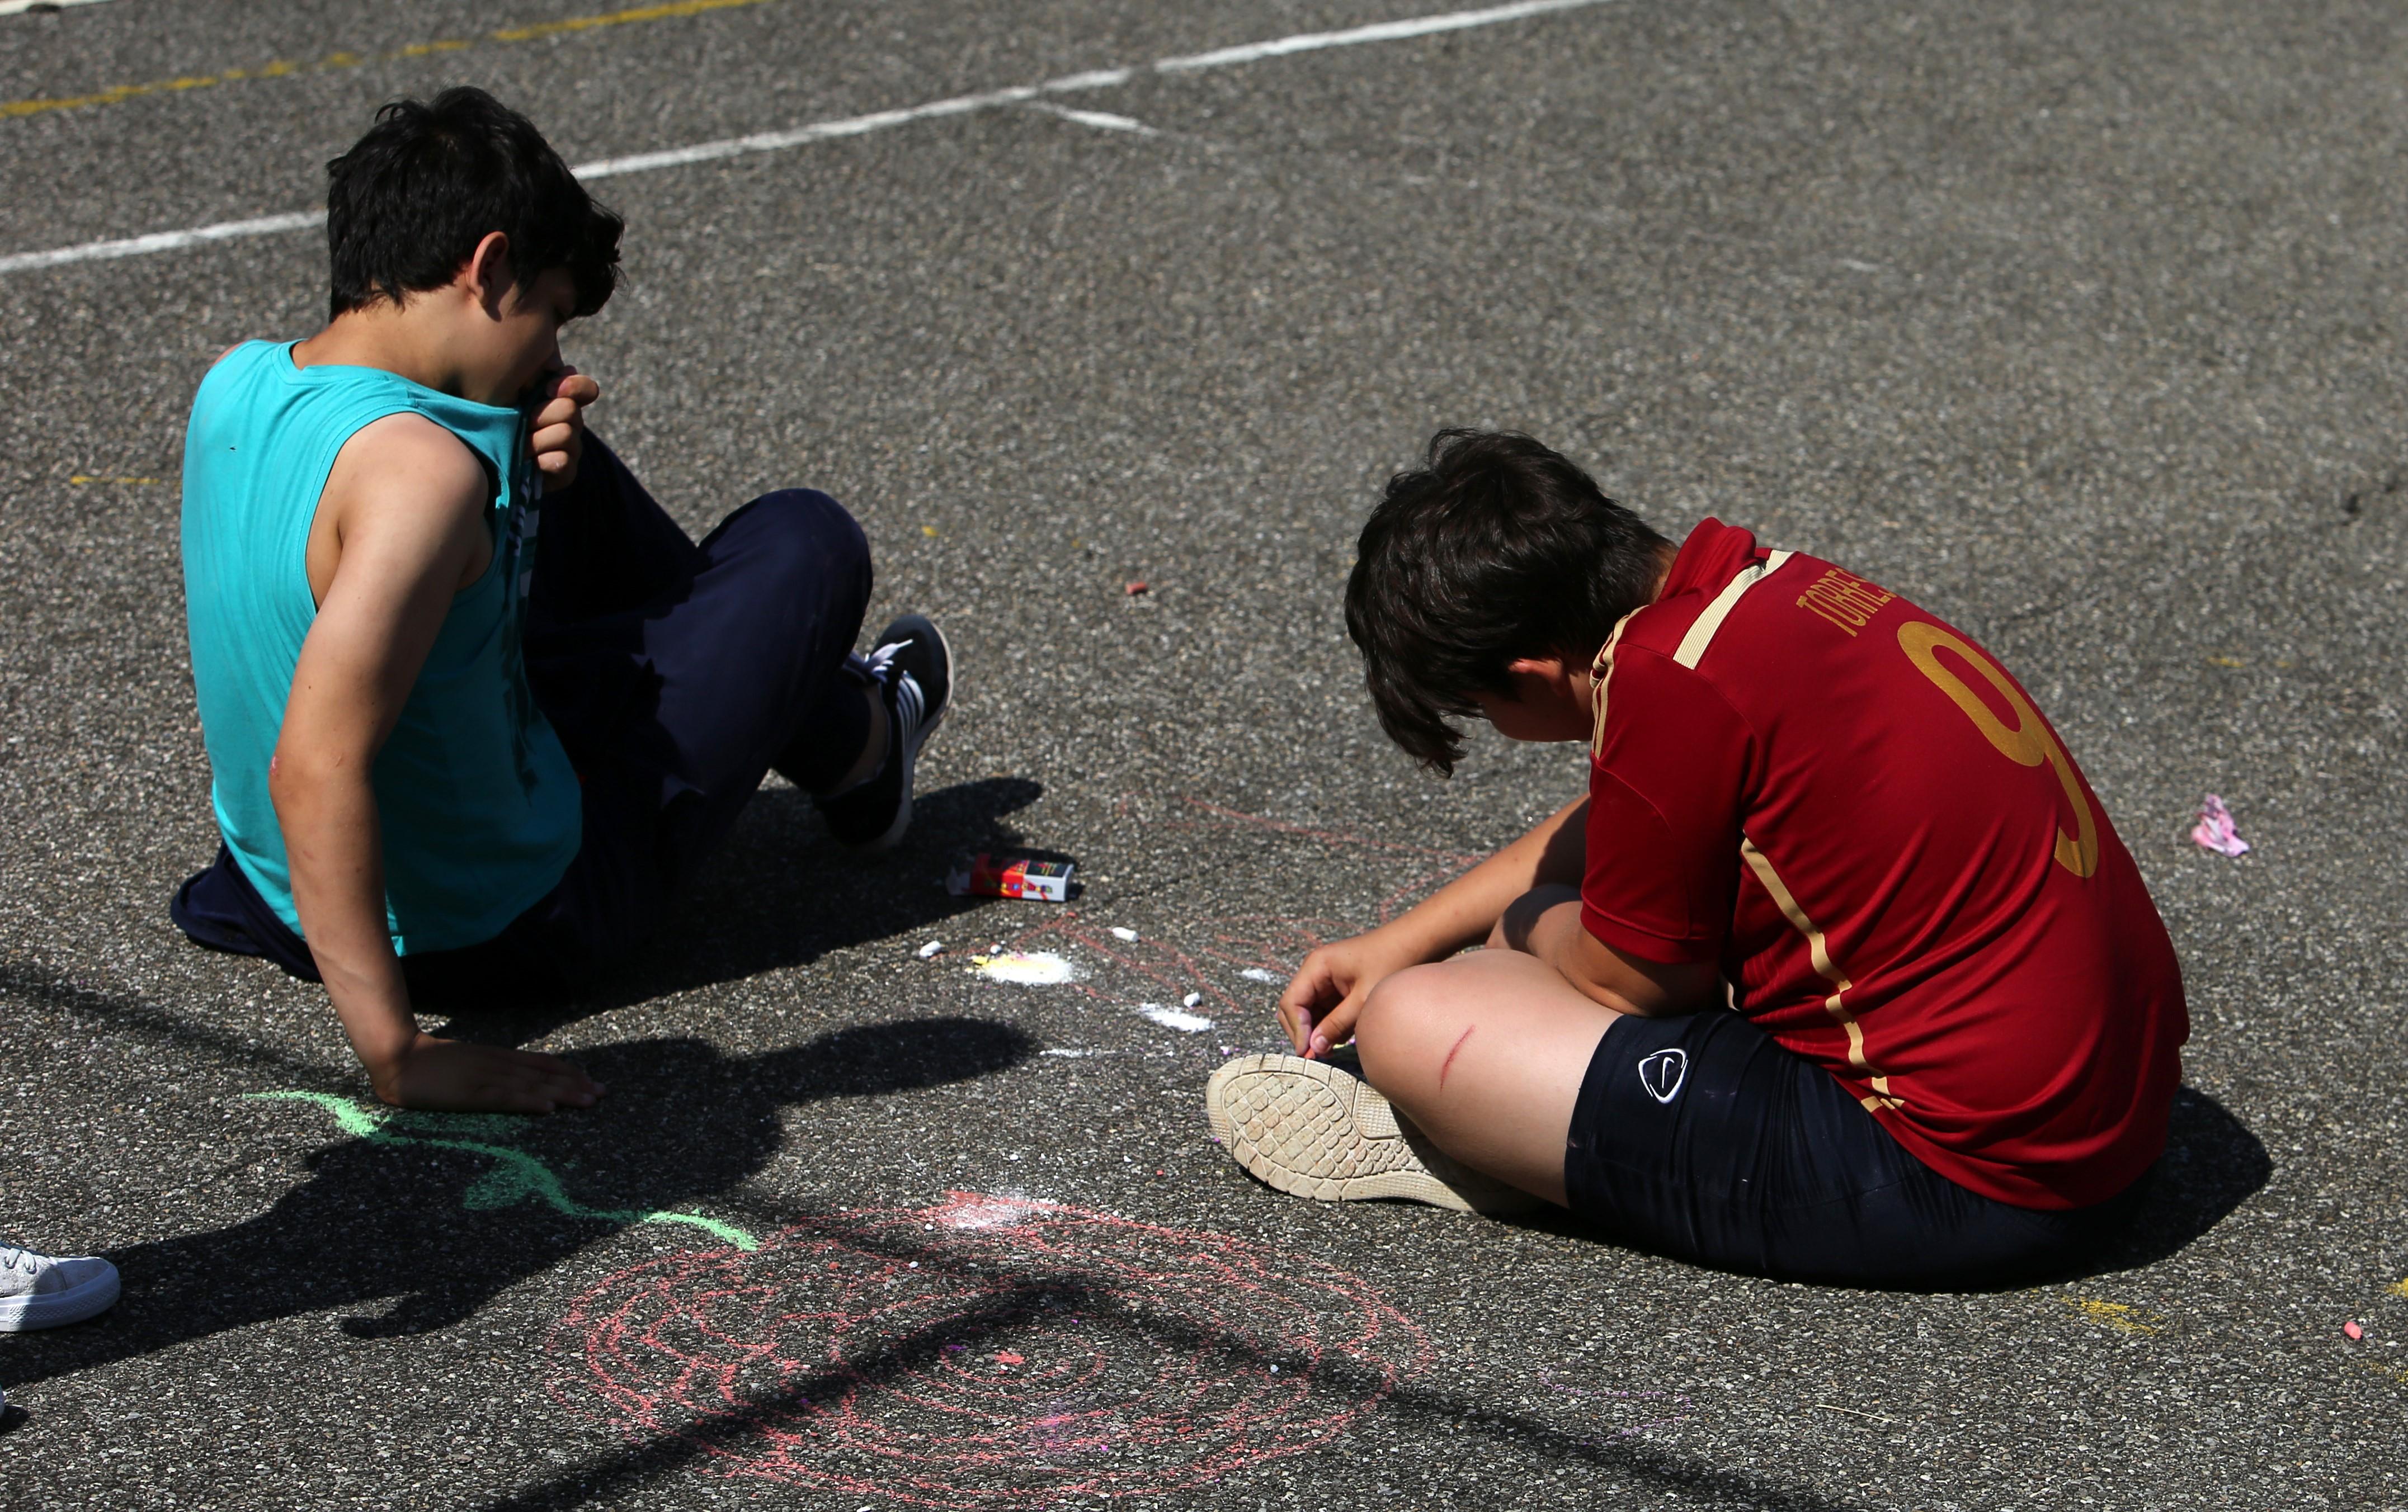 Copii desenând cu cretă